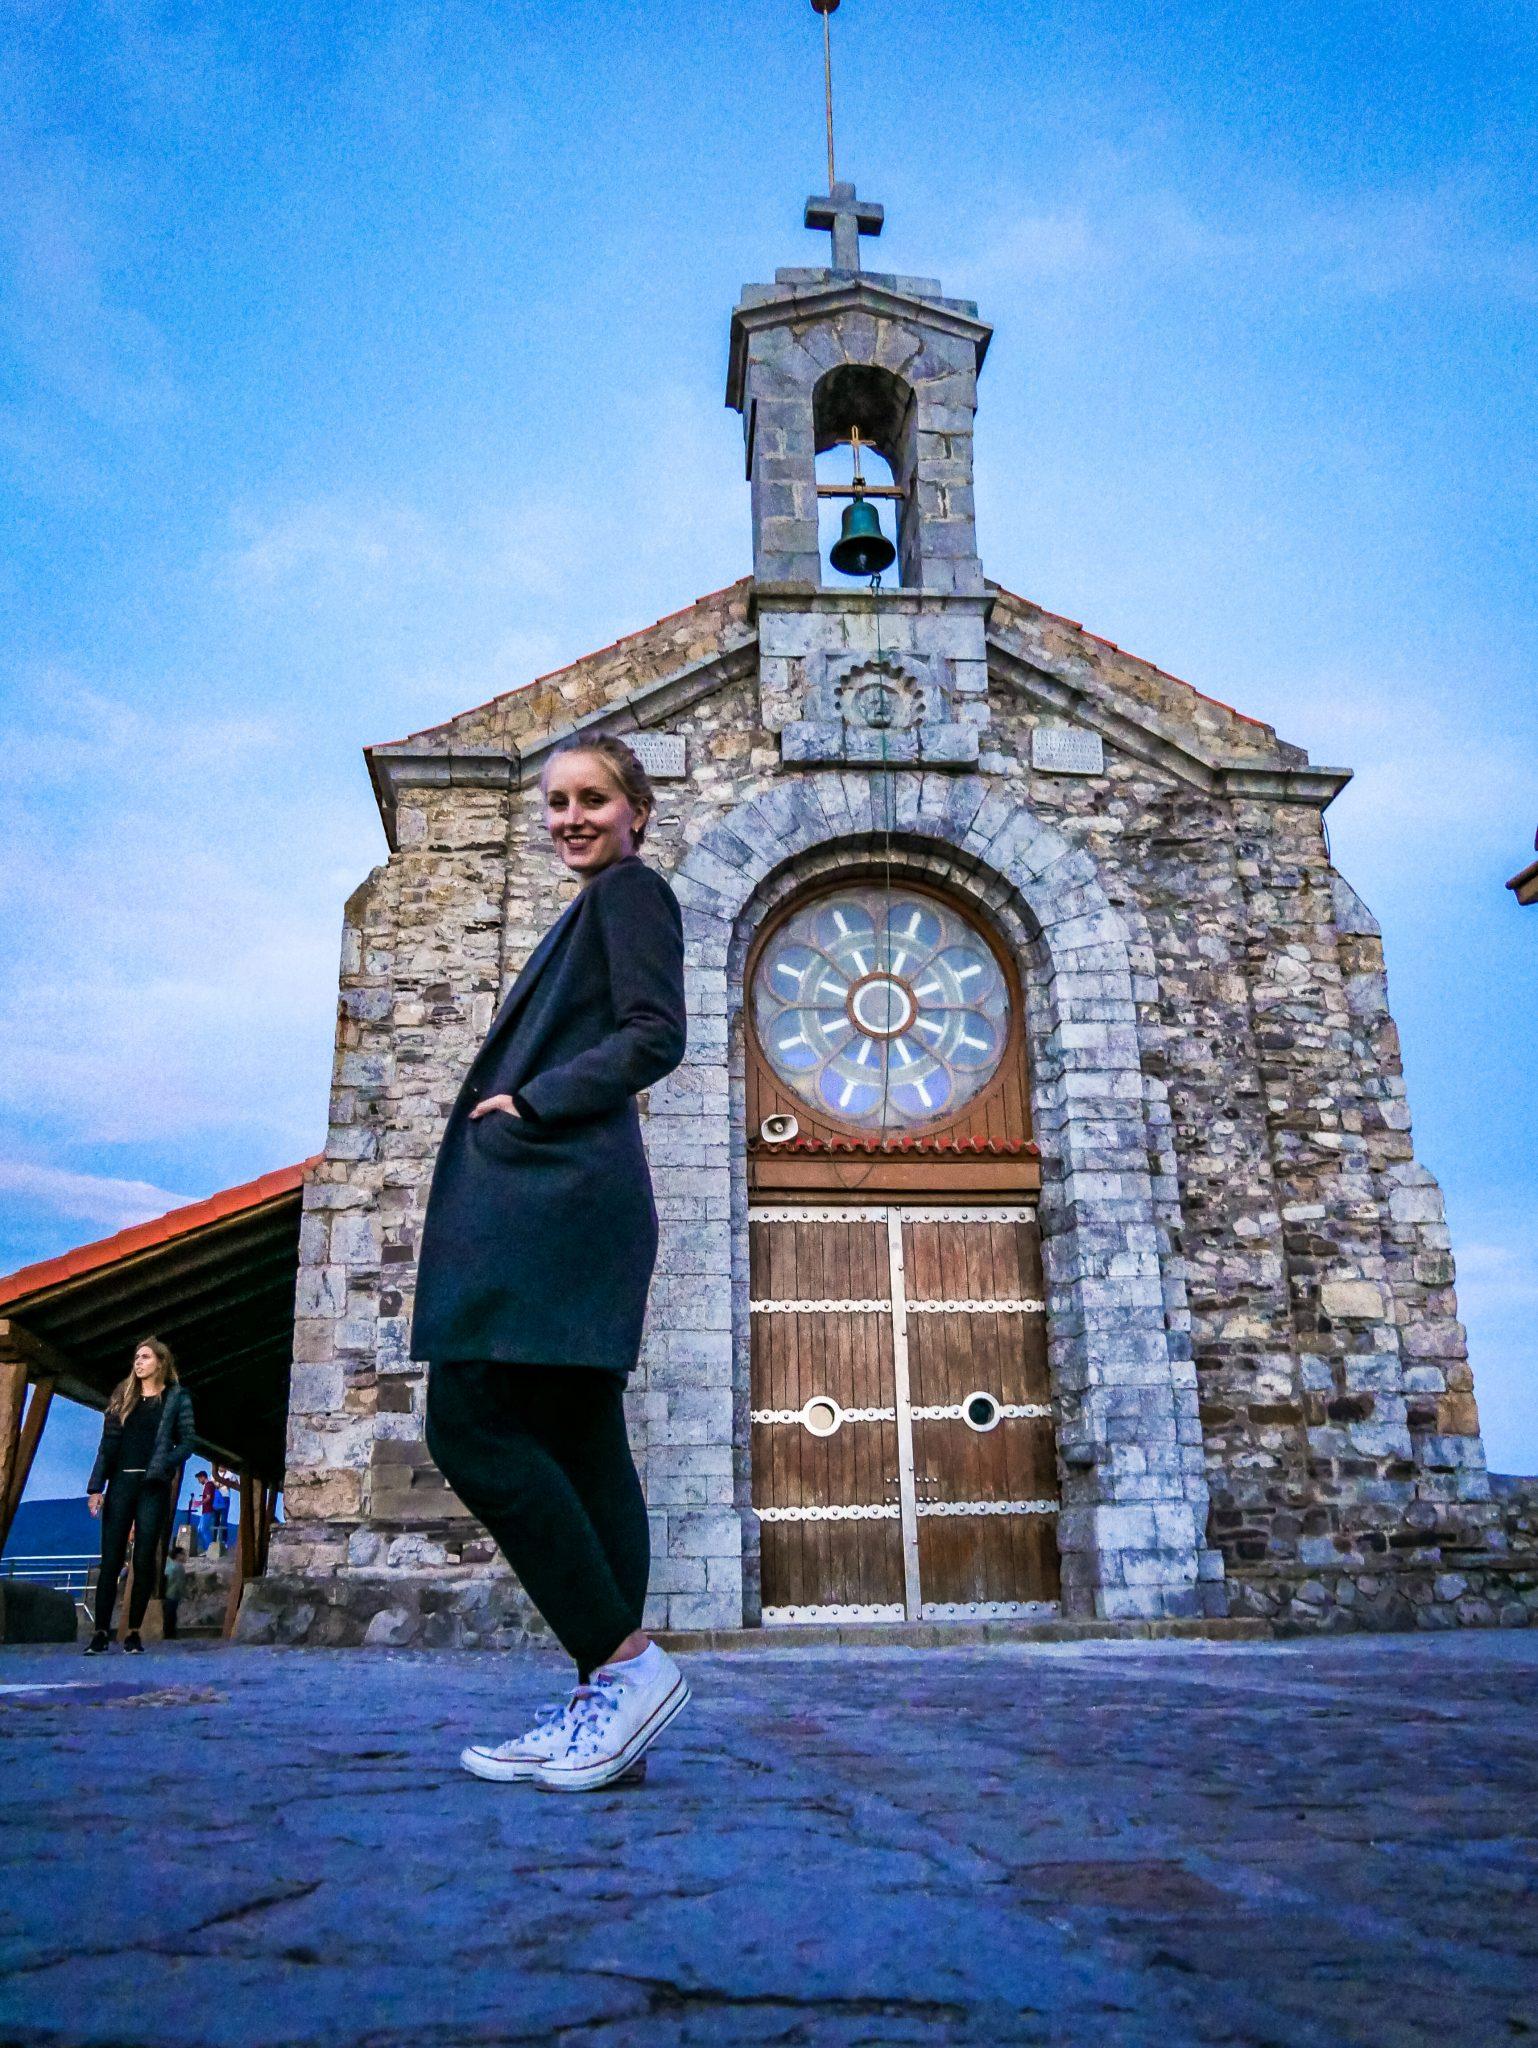 San Juan de Gaztelugatxe ist ein wirklich magischer Ort. Läute drei Mal an der Glocke und wünsche dir dabei etwas - laut der Legende geht dein Wunsch in Erfüllung.